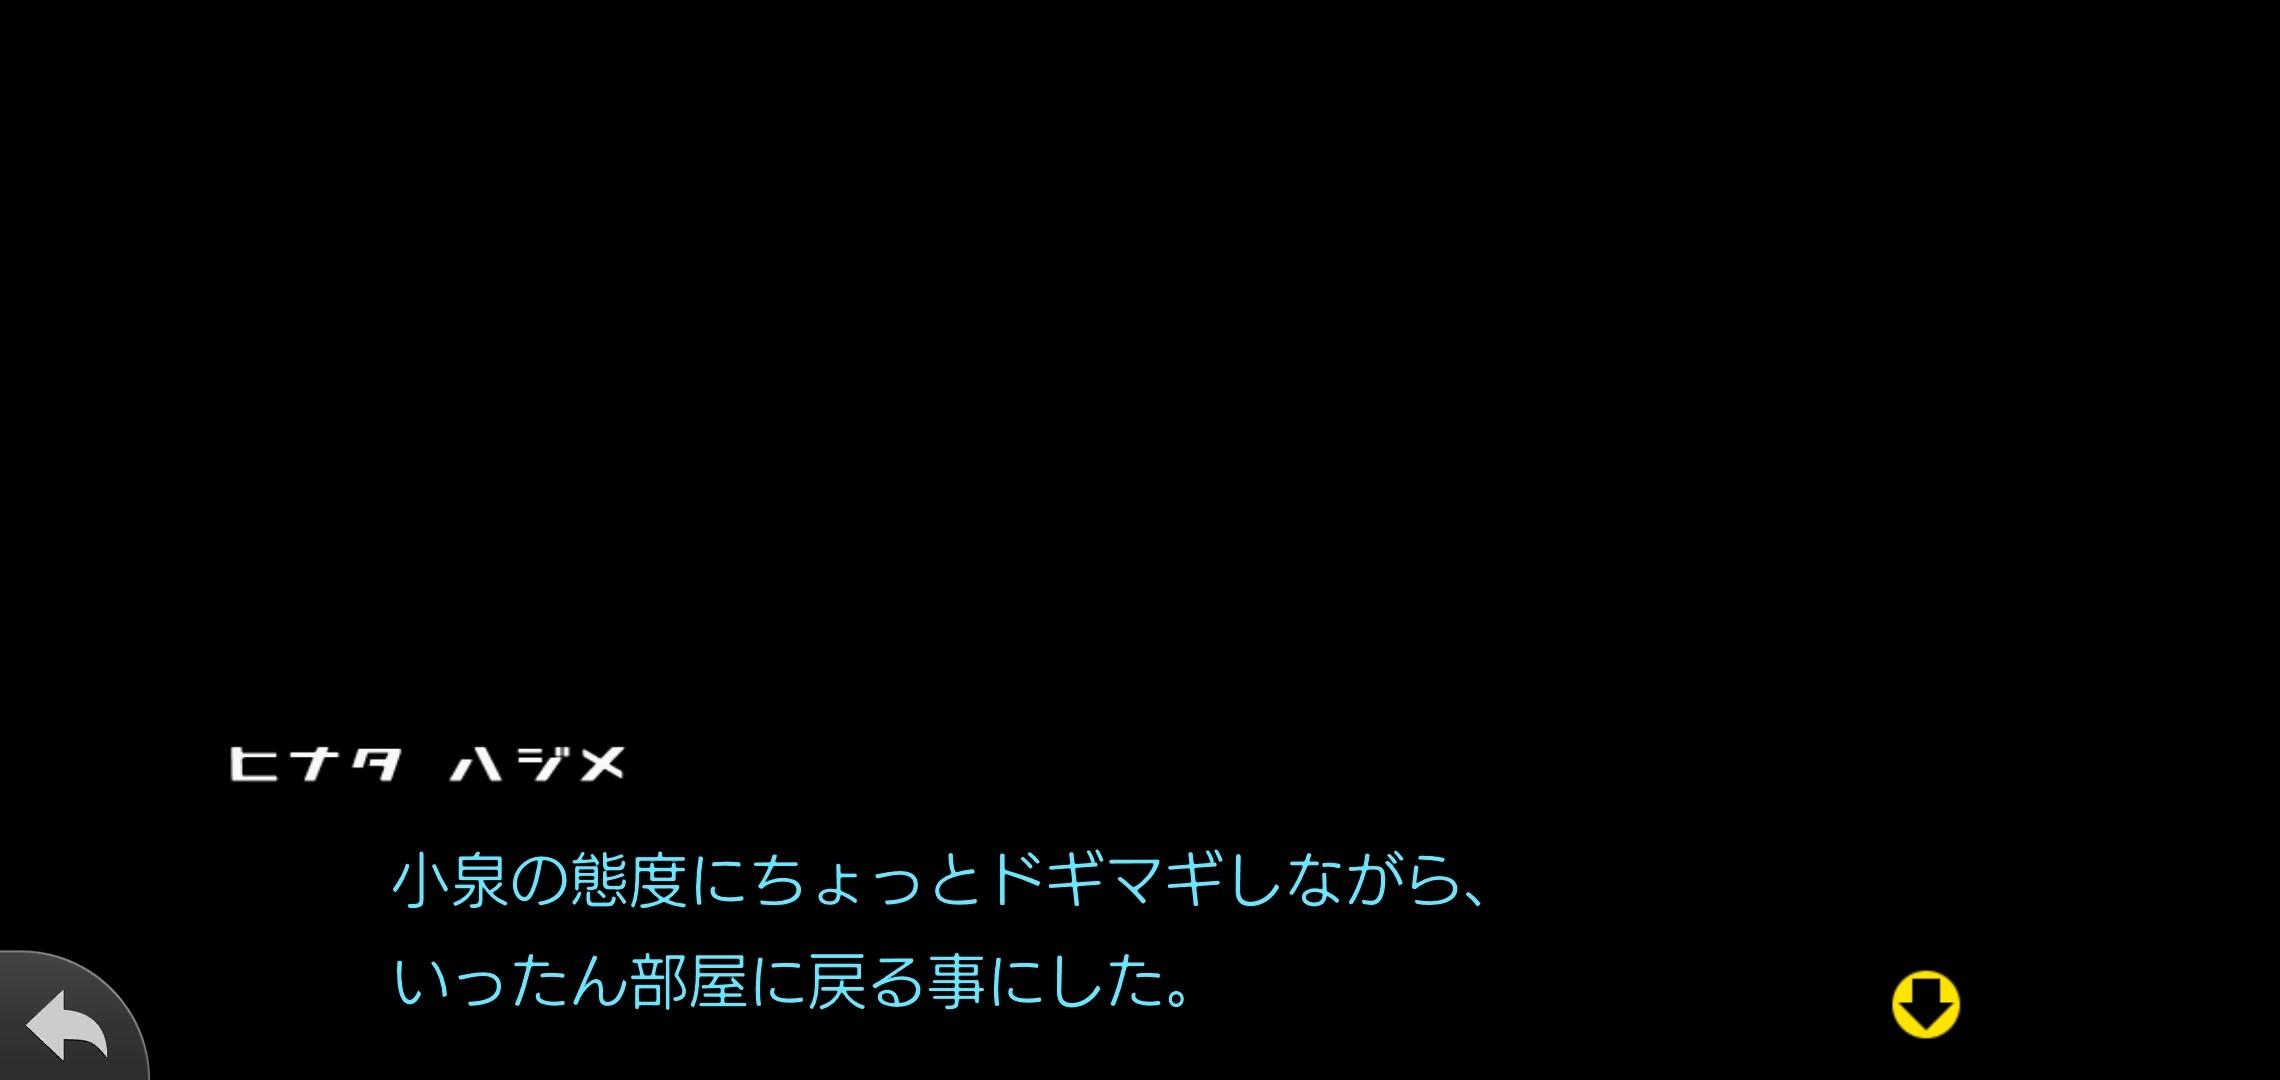 f:id:Rinburu:20201207235250j:plain